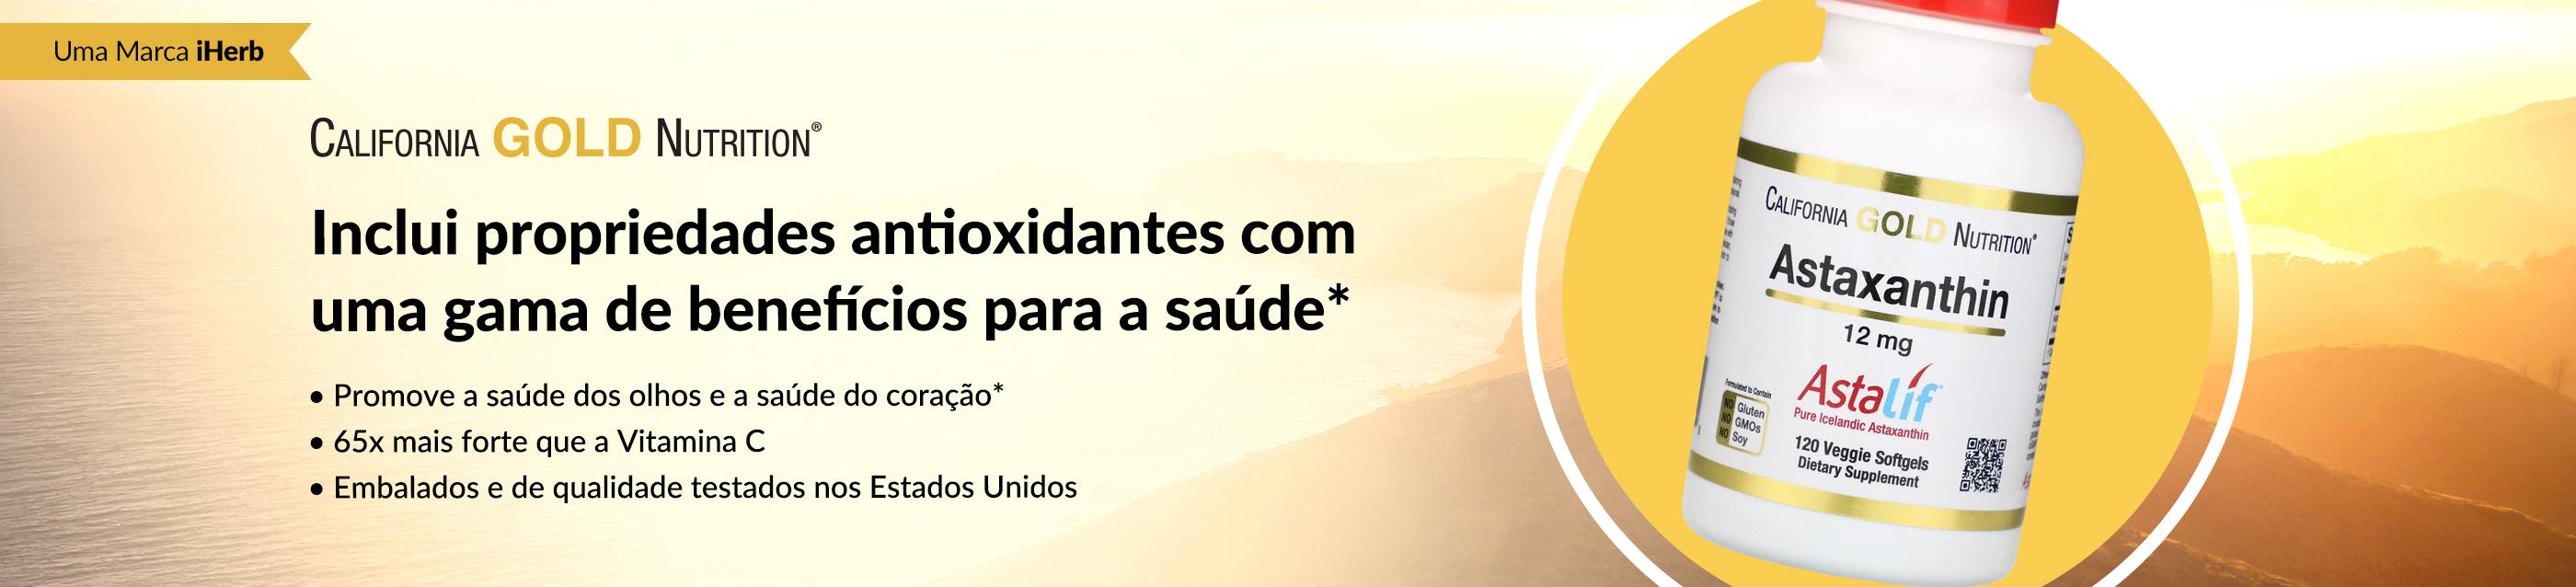 CGN Astaxanthin